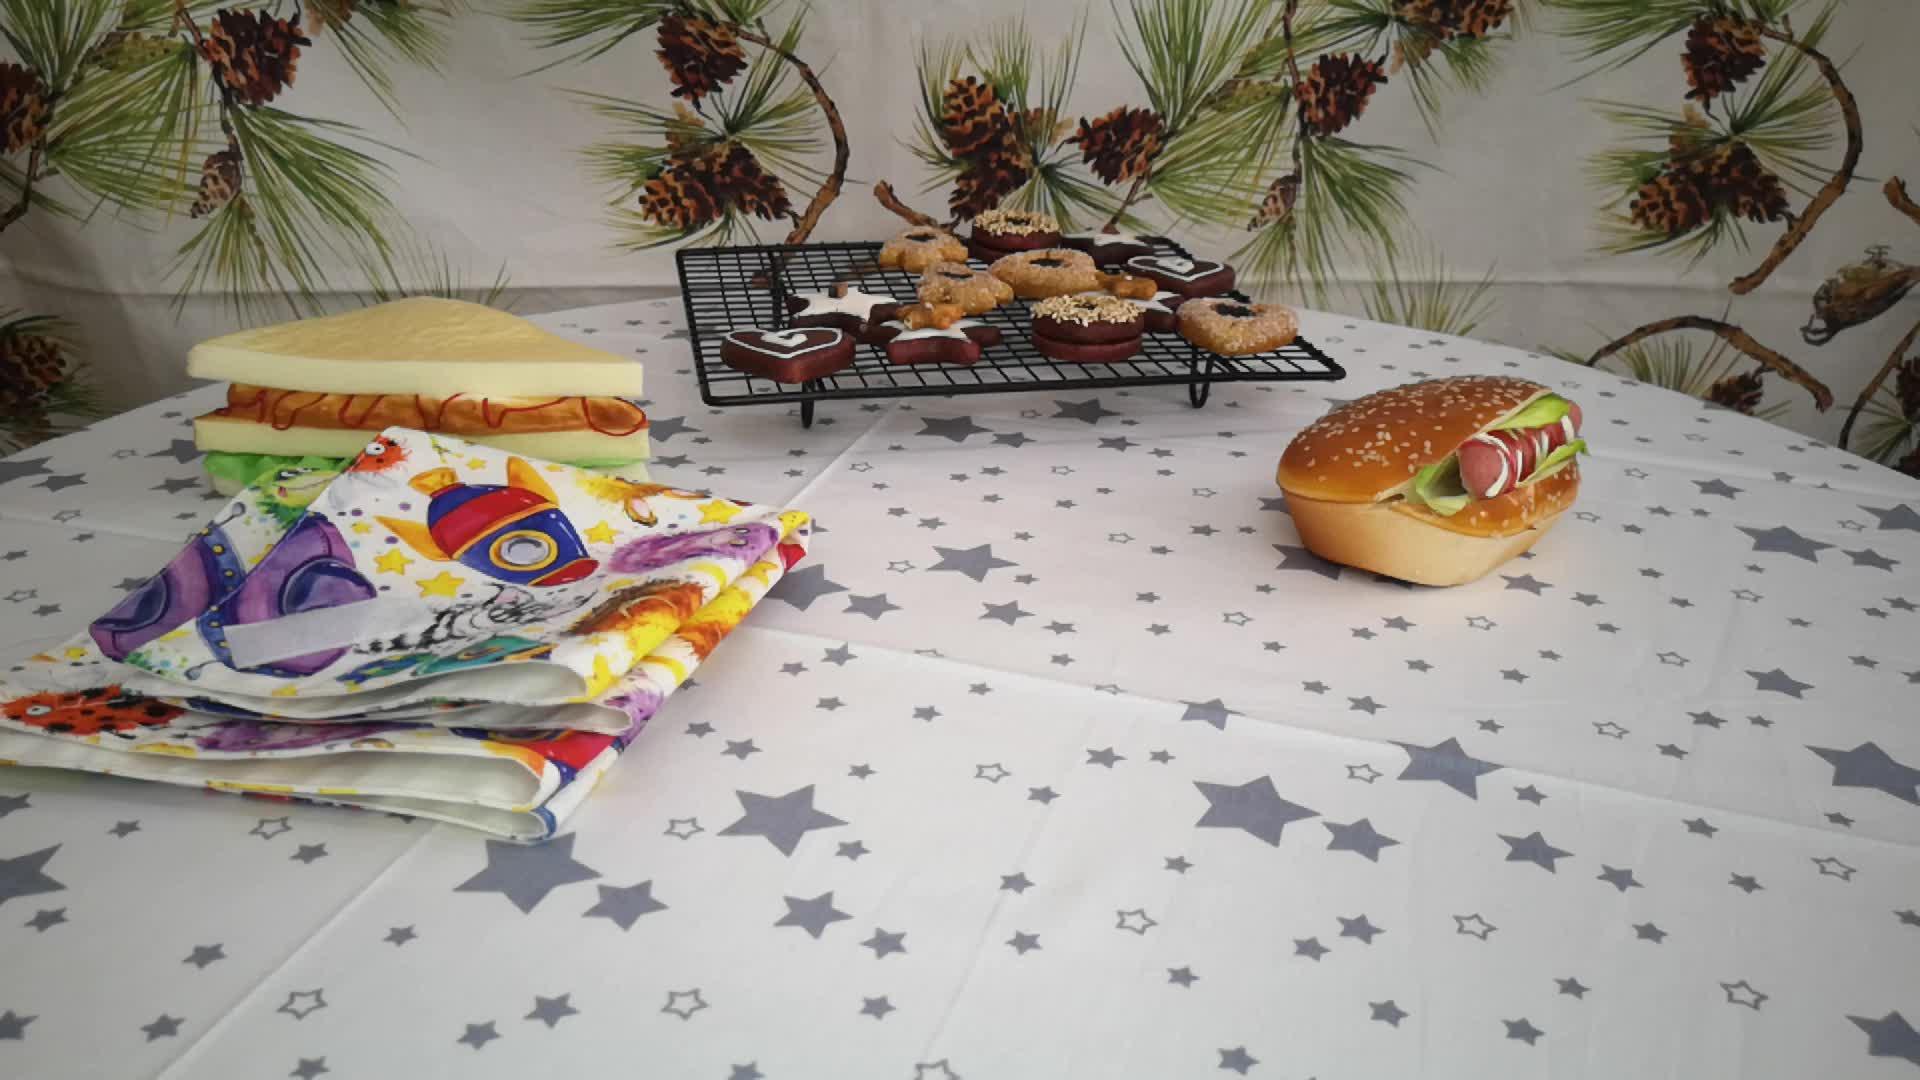 Çevre dostu baskılı sandviç gıda paketi kullanımlık Mini islak çanta saklamak için çocuklar için gıda